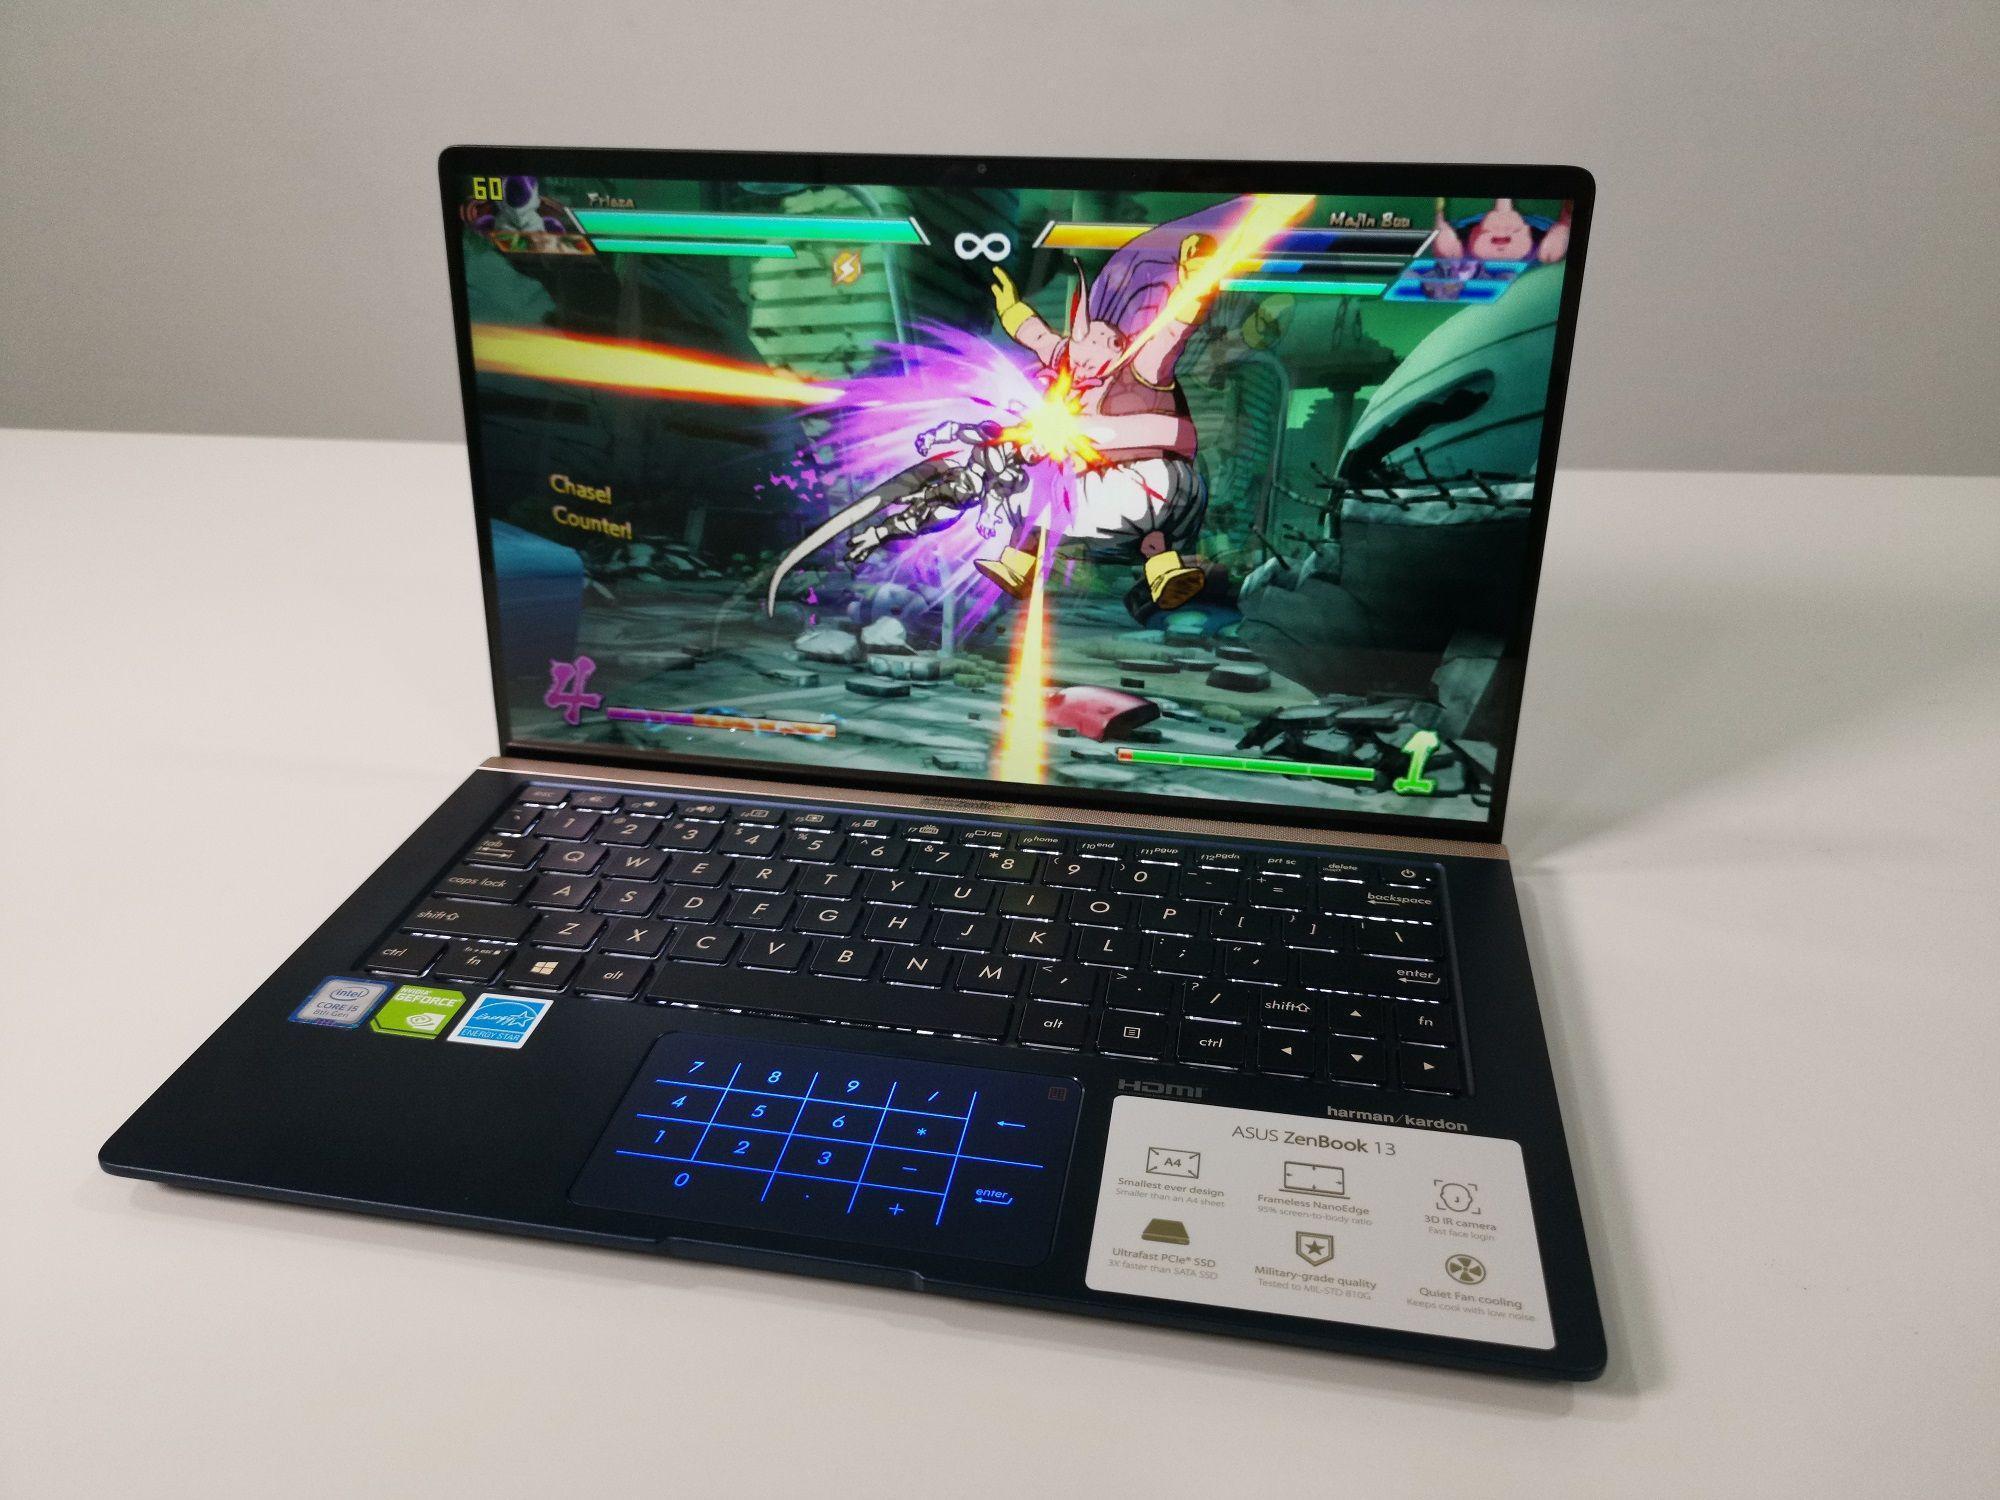 Best Laptop for Ffxiv Under 500